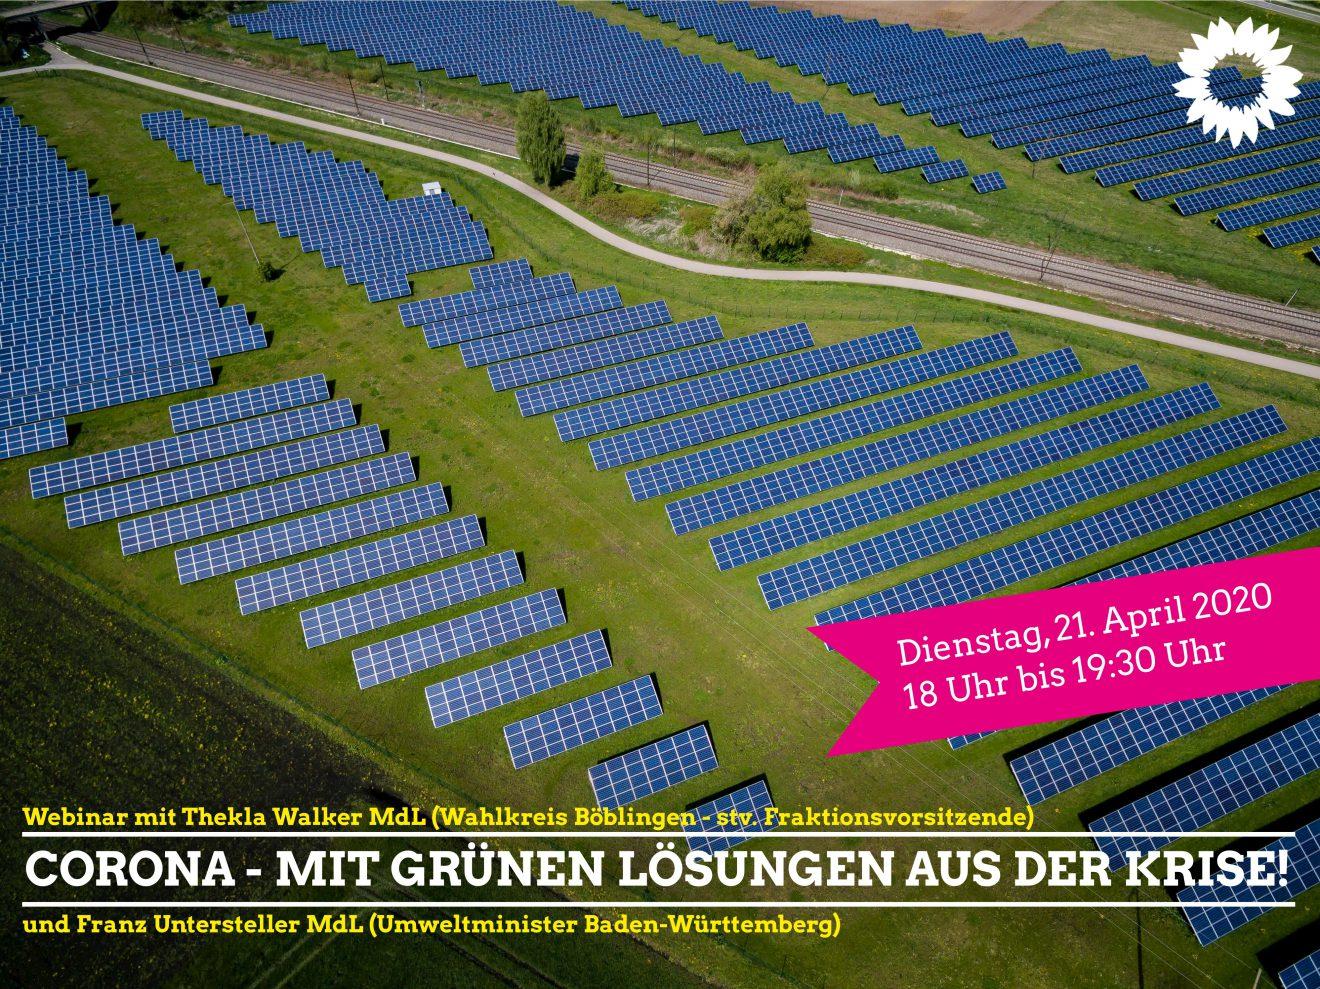 Webinar: Corona - mit Grünen Lösungen aus der Krise! - mit Franz Untersteller